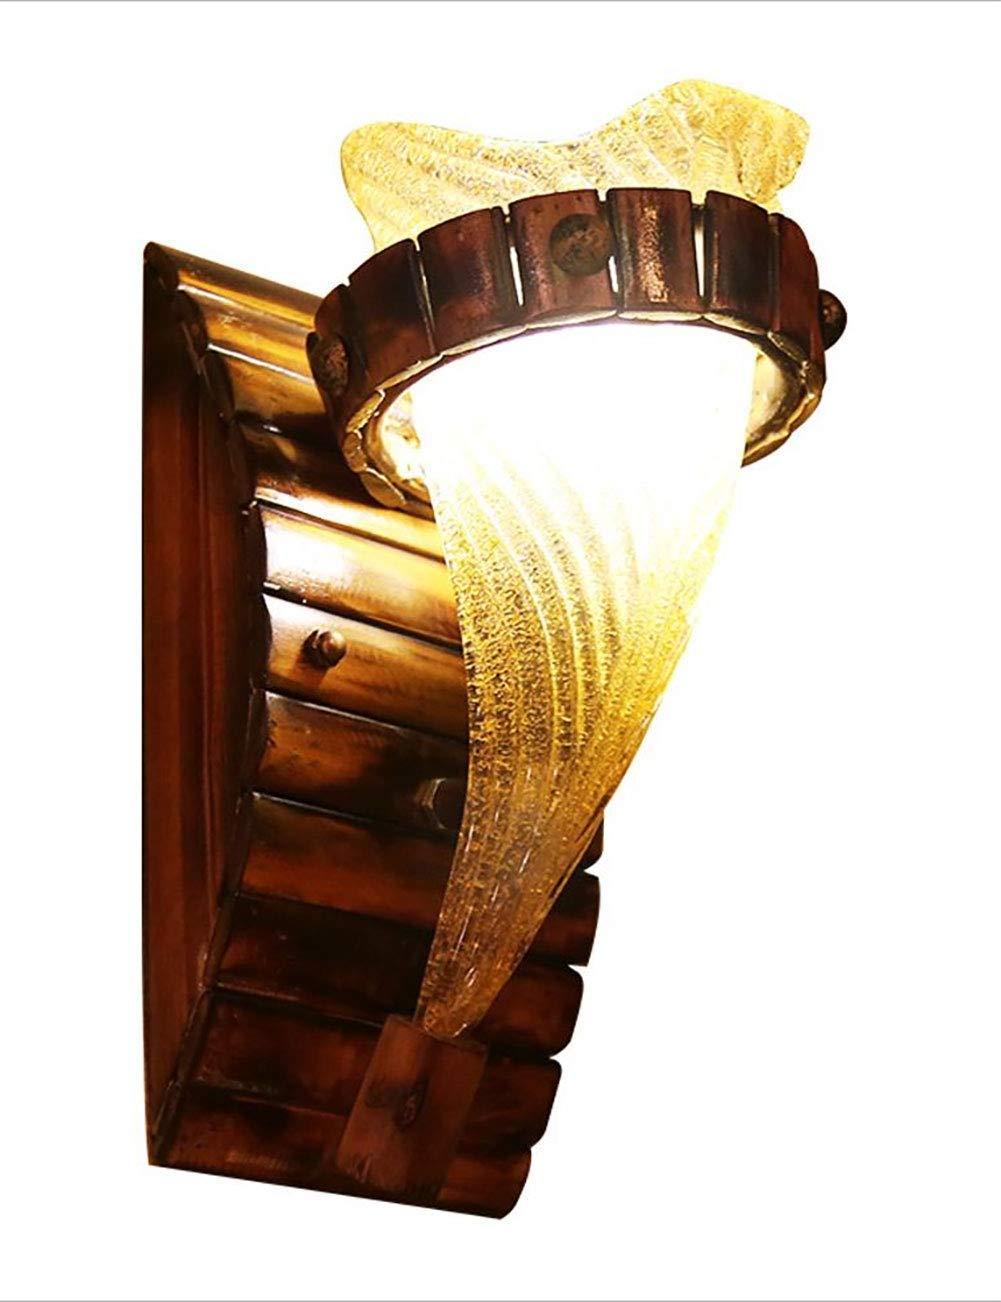 Irinay Loft Vintage Wandleuchte Bambus Kreative Beleuchtung Wandleuchten Led E27 Kappe Bar Wohnzimmer Restaurant Retro Glas Lampenschirm Wandleuchte (Farbe   Colour-Größe)